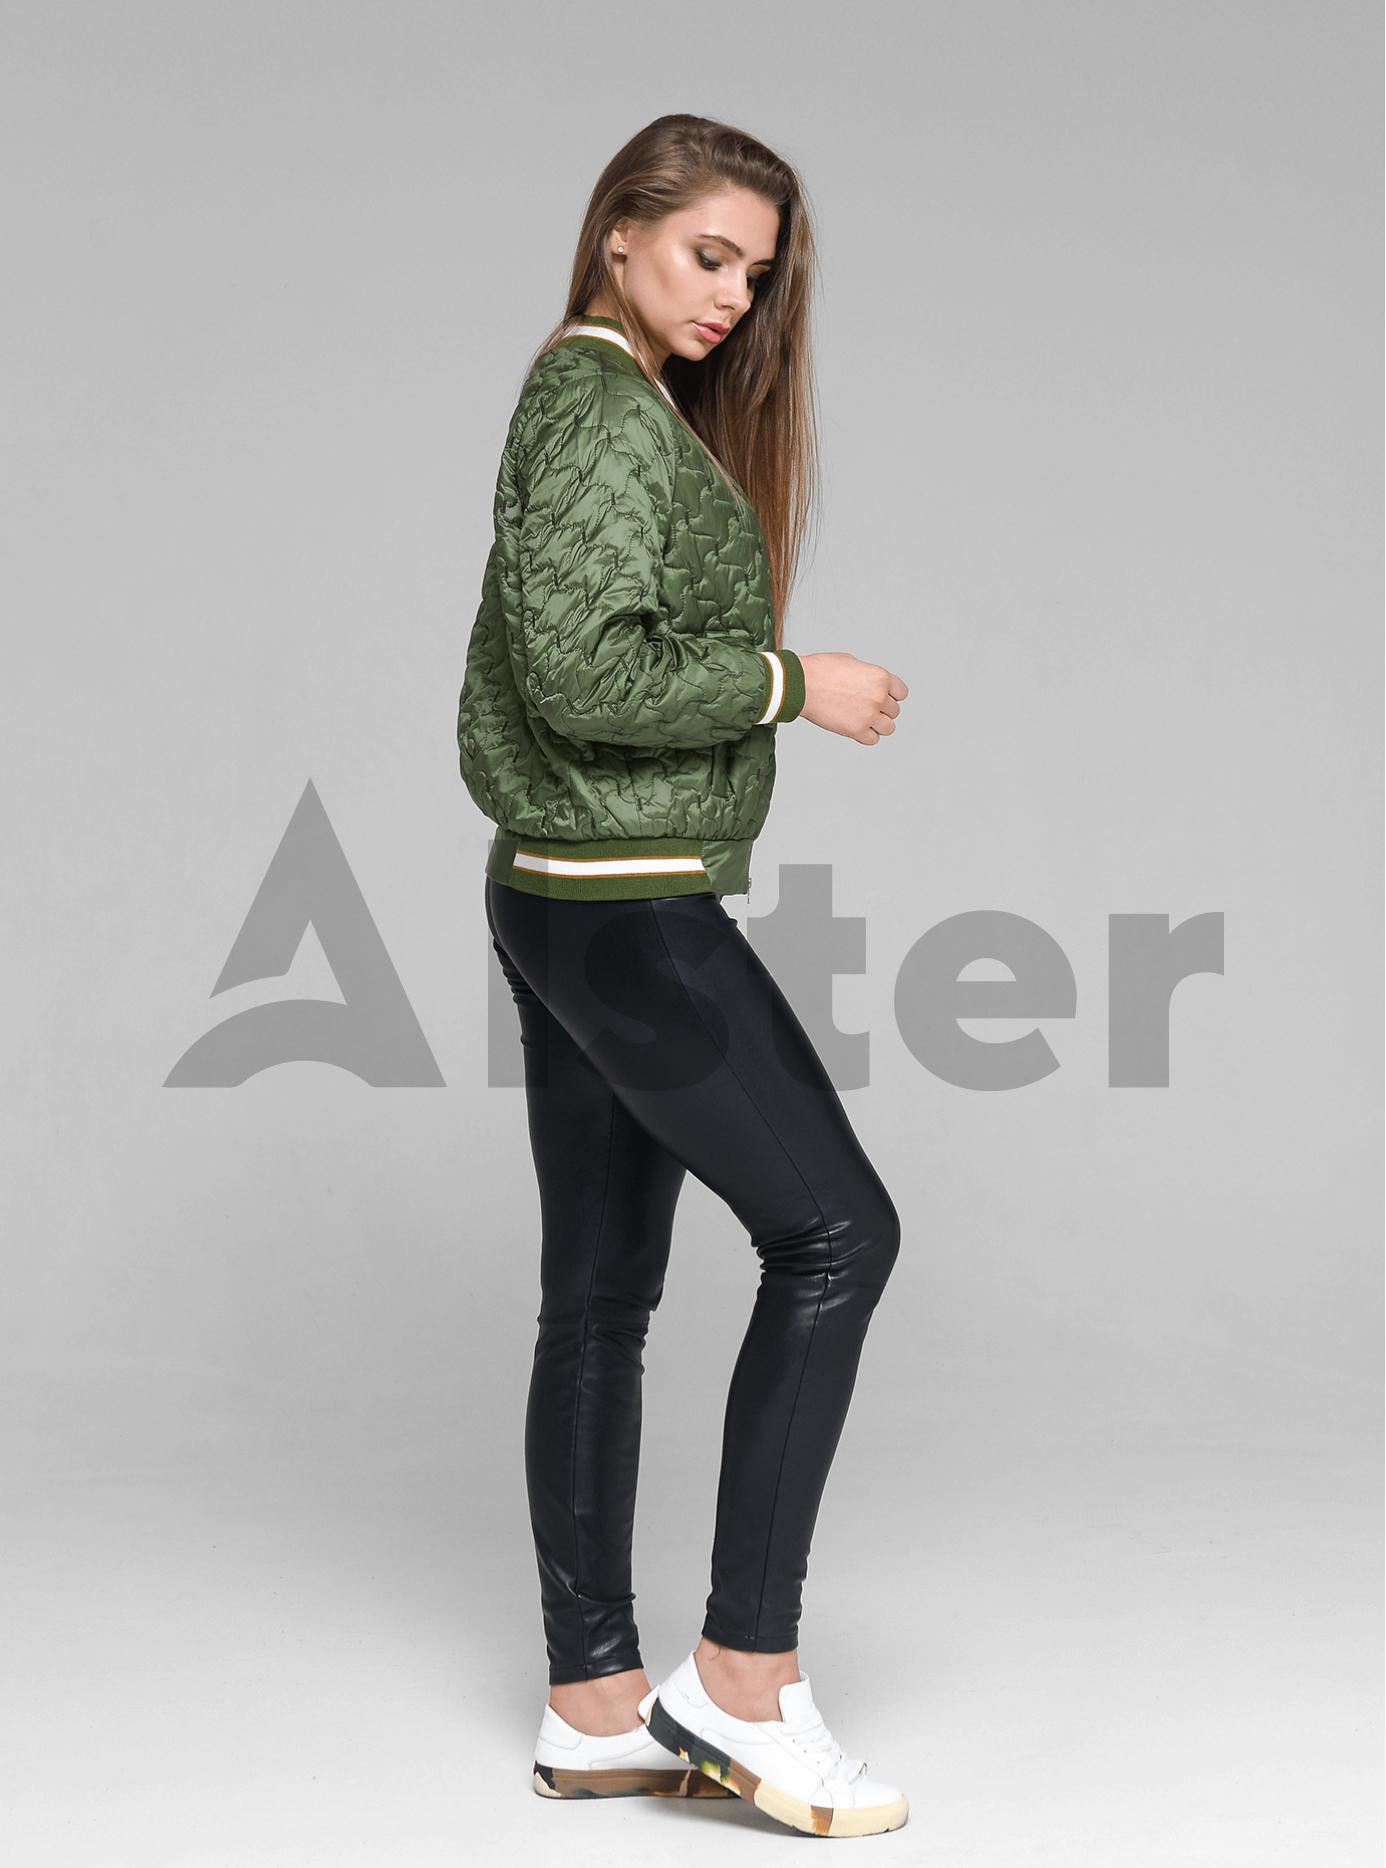 Куртка демисезонная женская Хаки XL (02-D190111): фото - Alster.ua